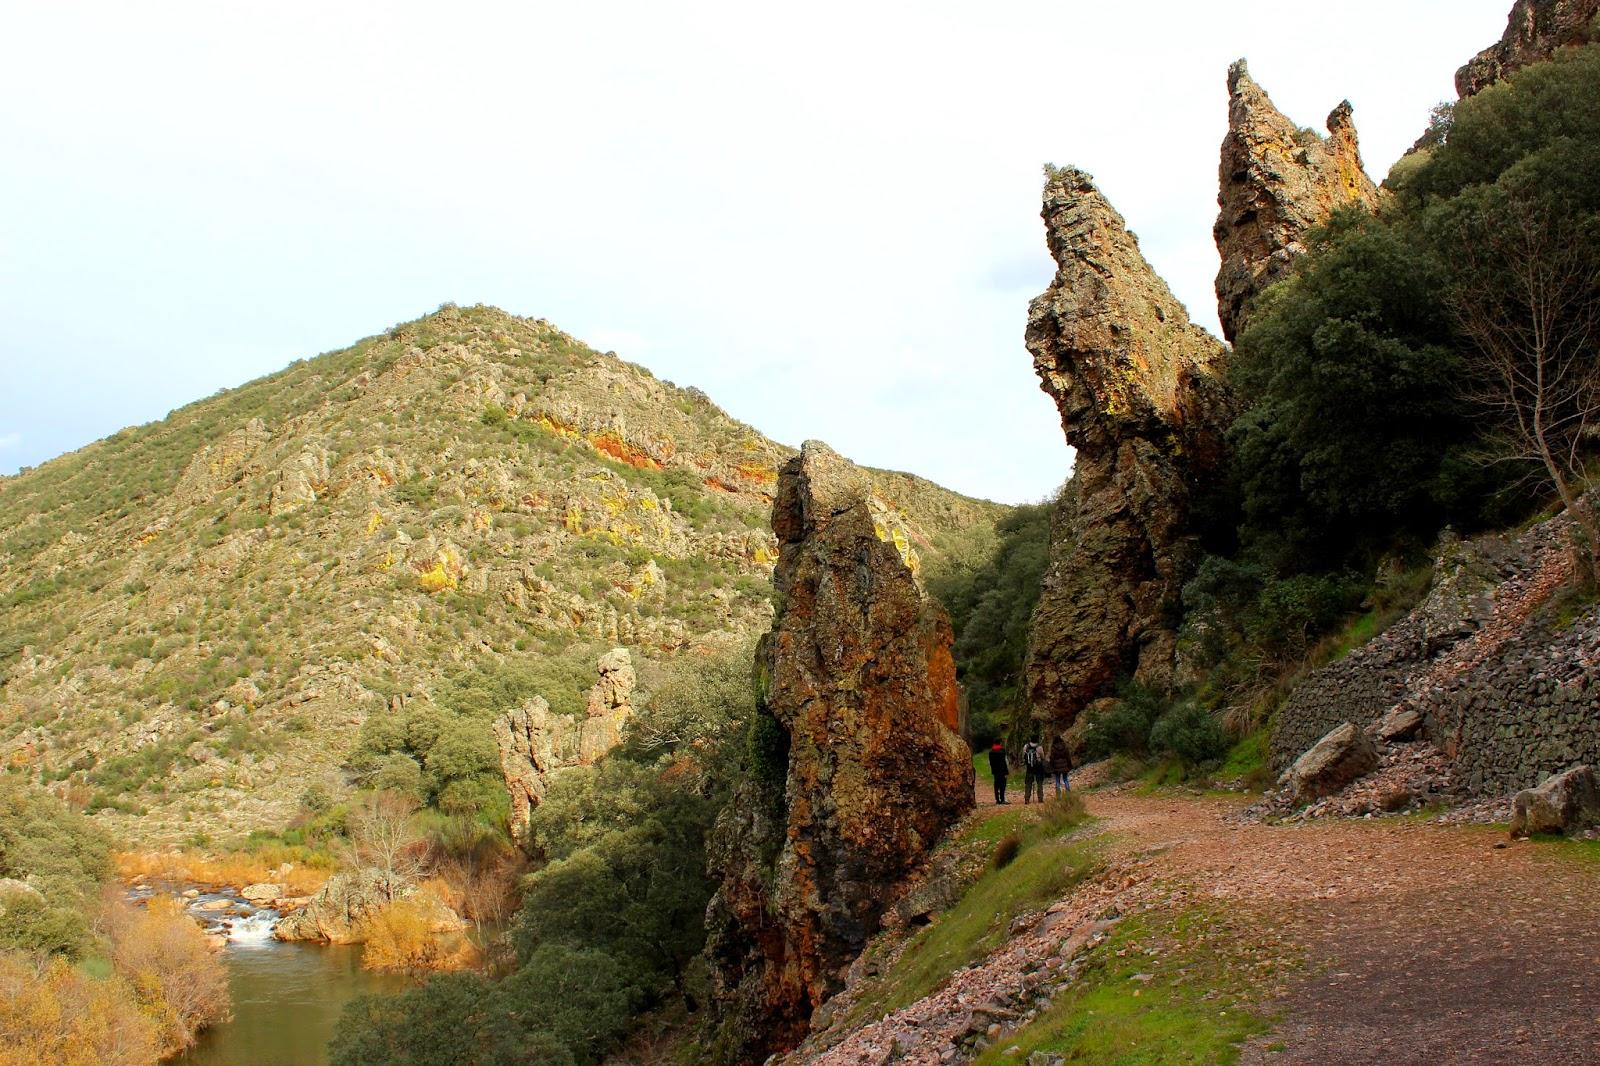 Torres de Estena-Ruta boquerón de Estena en Cabañeros